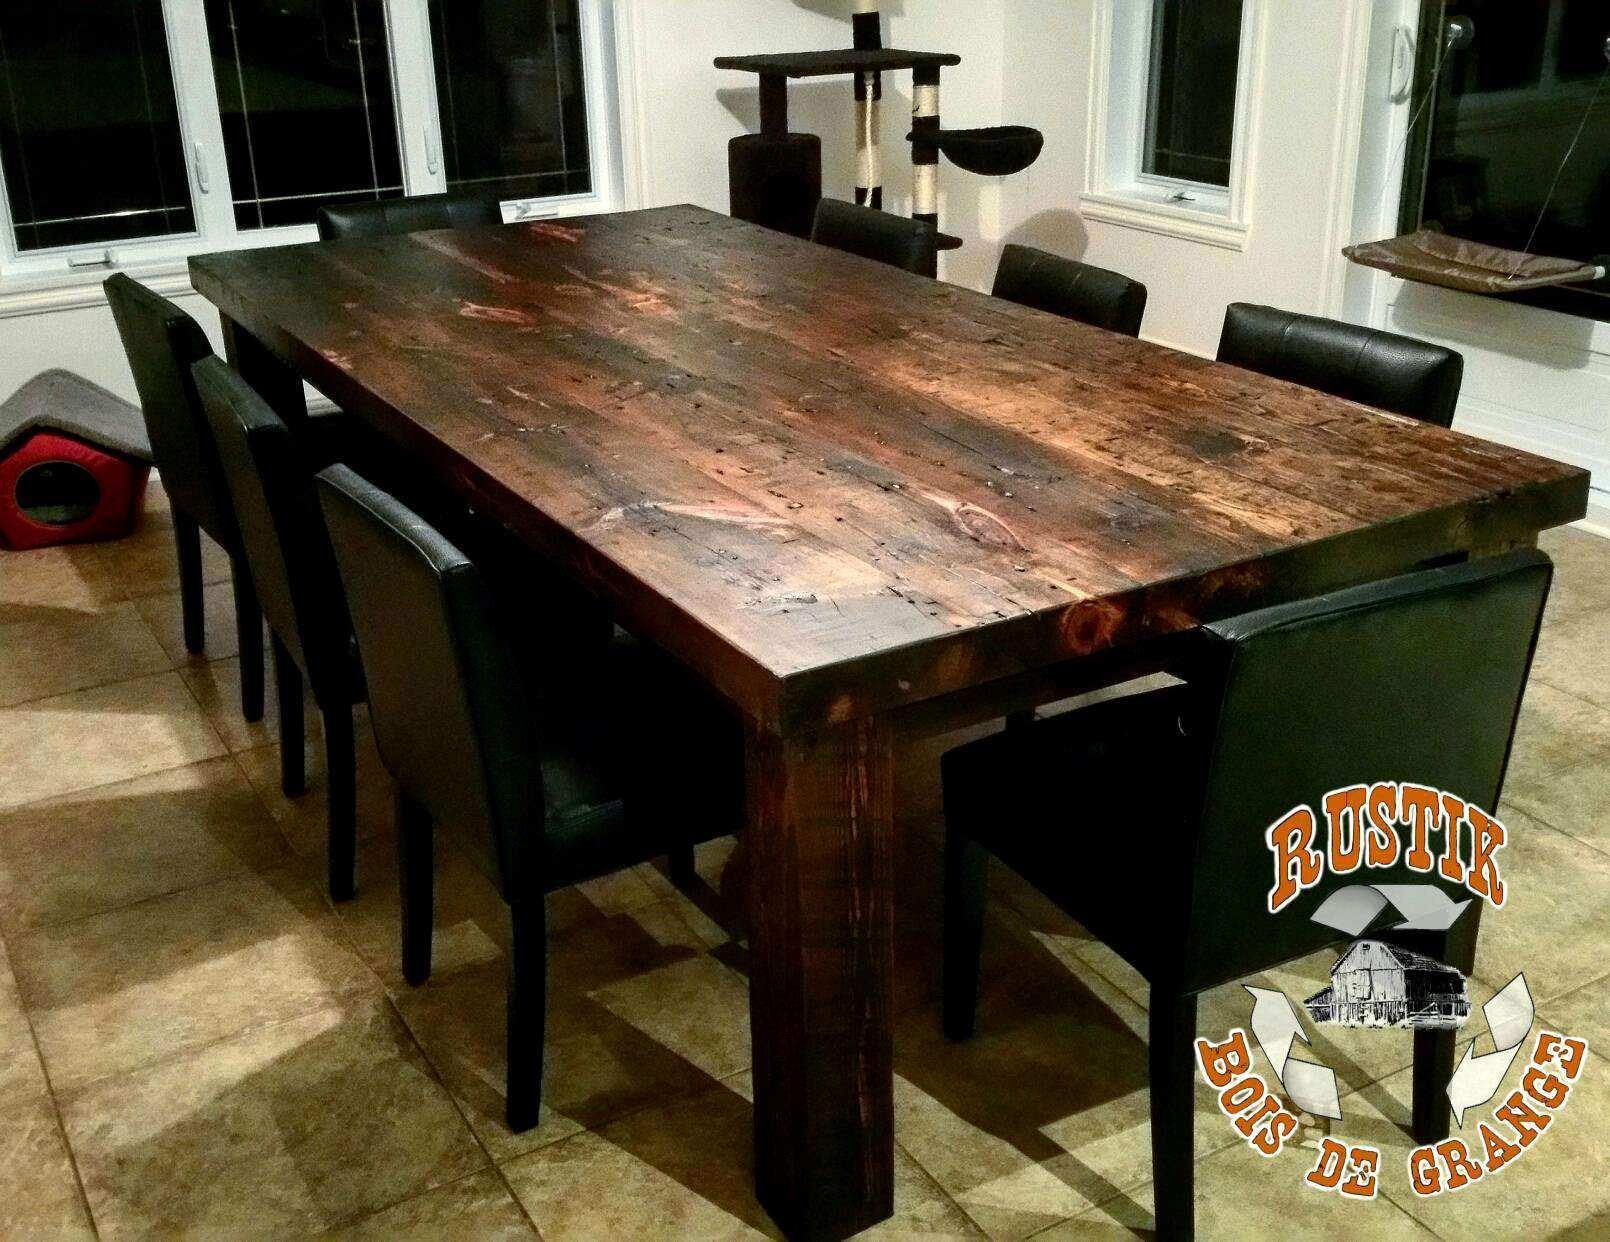 Table de cuisine en bois brut lille maison - Table cuisine bois brut ...